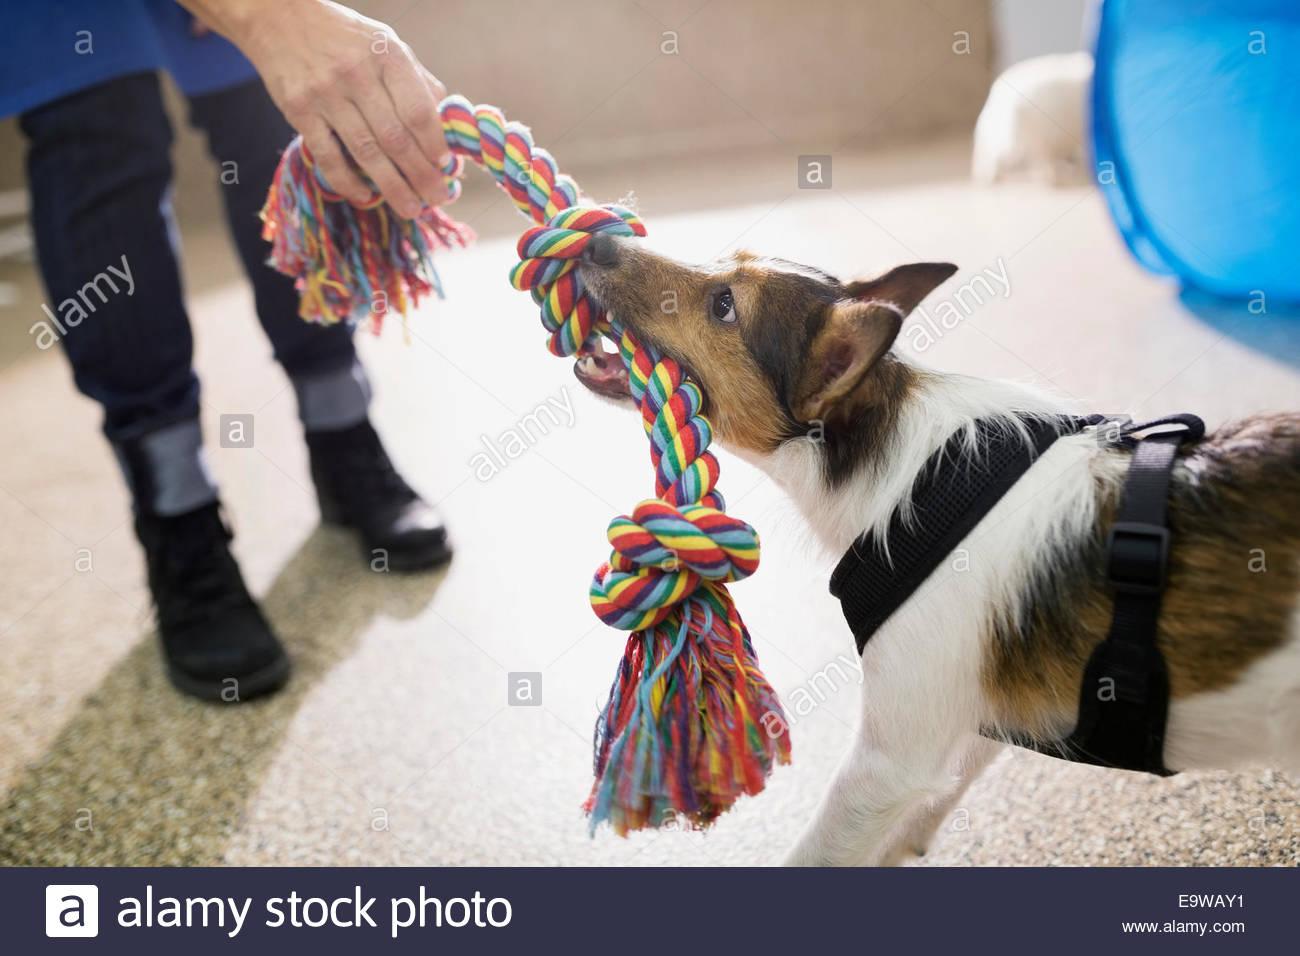 Dog and woman playing tug-of-war - Stock Image